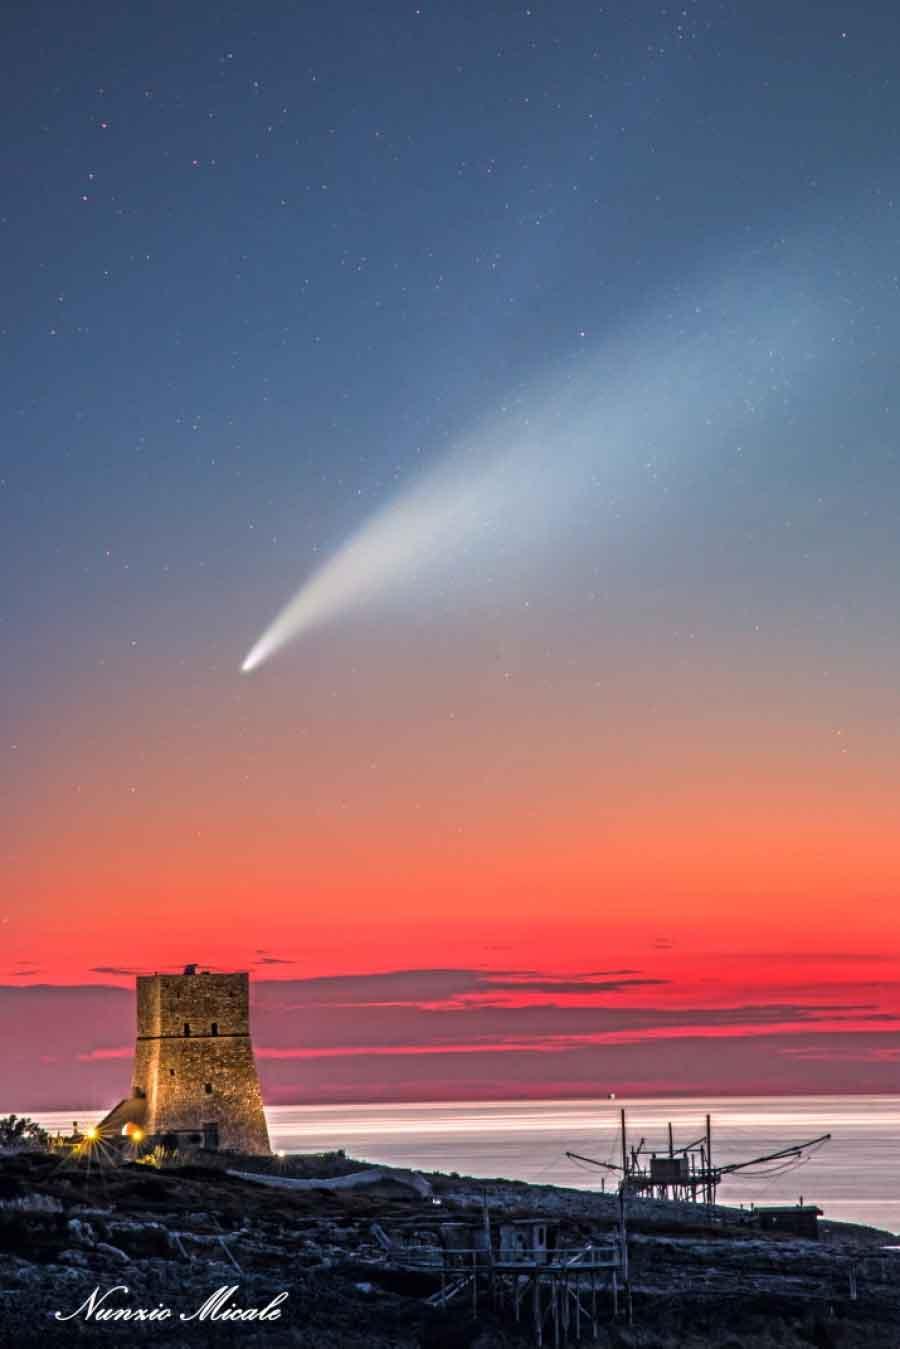 Cometa C/2020